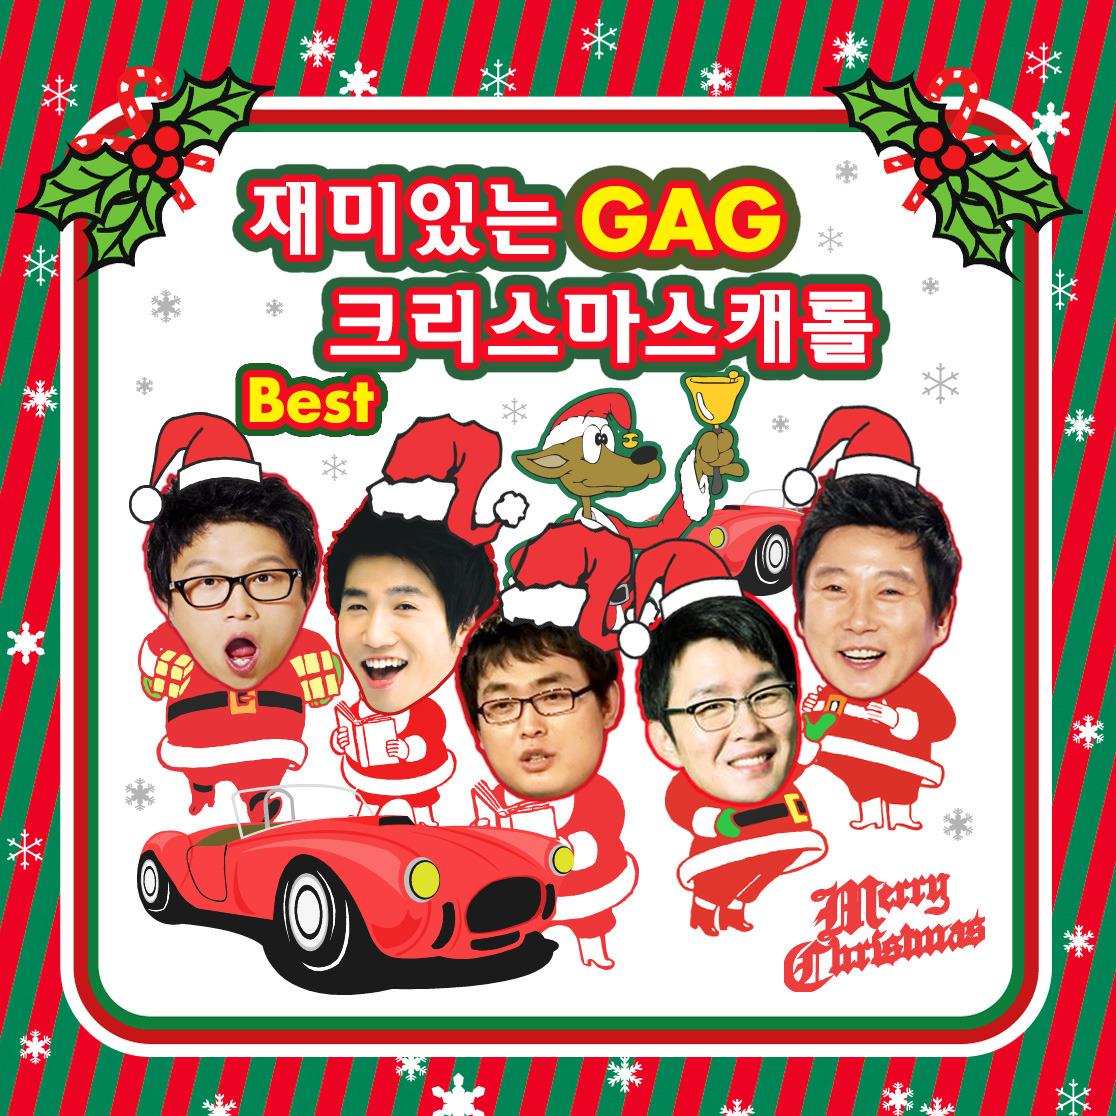 2010 재미있는 GAG 크리스마스 CAROL 앨범정보